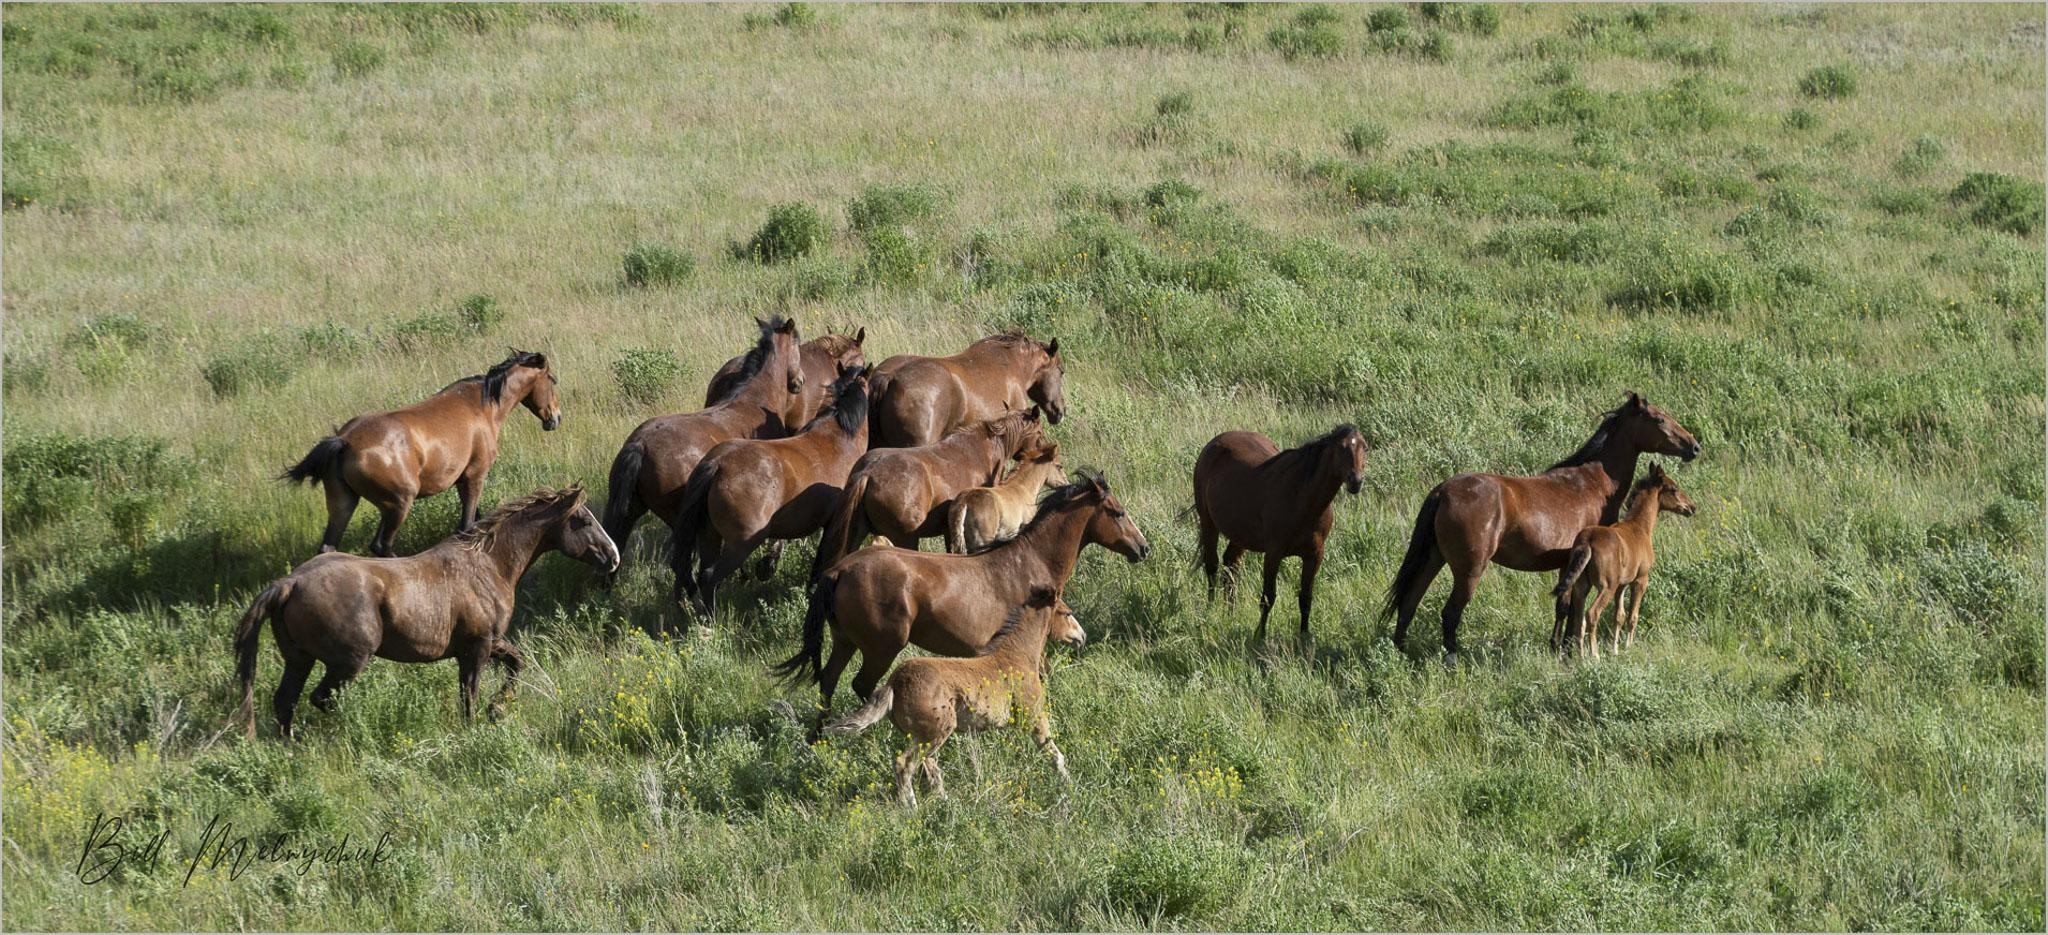 2006_WGP4256 - Feral Horses - Bill Melnychuk